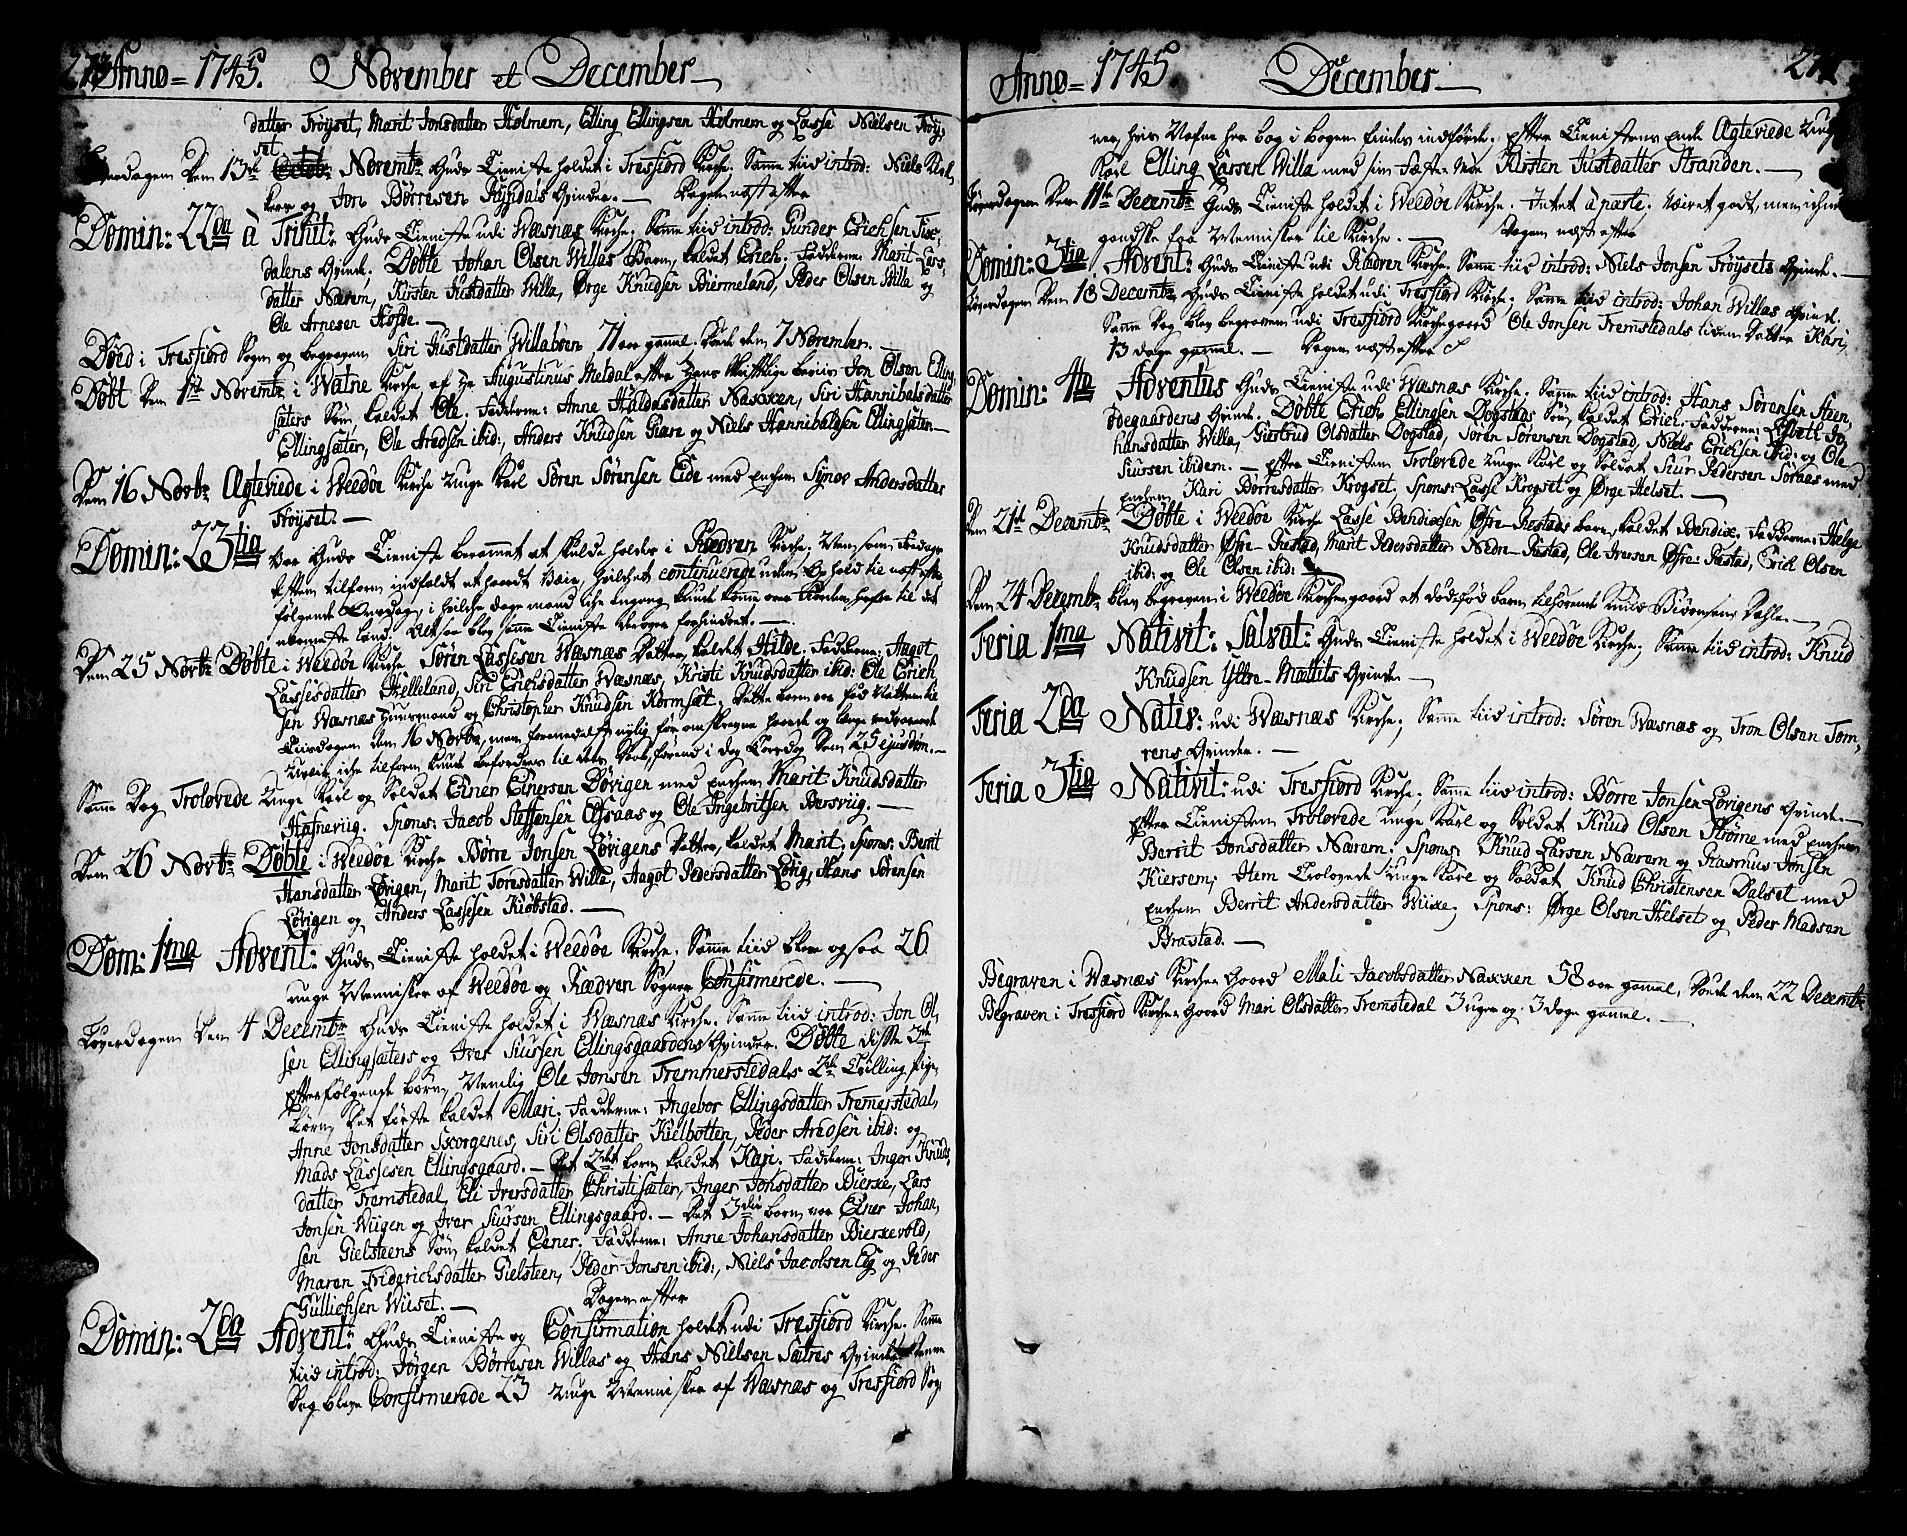 SAT, Ministerialprotokoller, klokkerbøker og fødselsregistre - Møre og Romsdal, 547/L0599: Parish register (official) no. 547A01, 1721-1764, p. 272-273